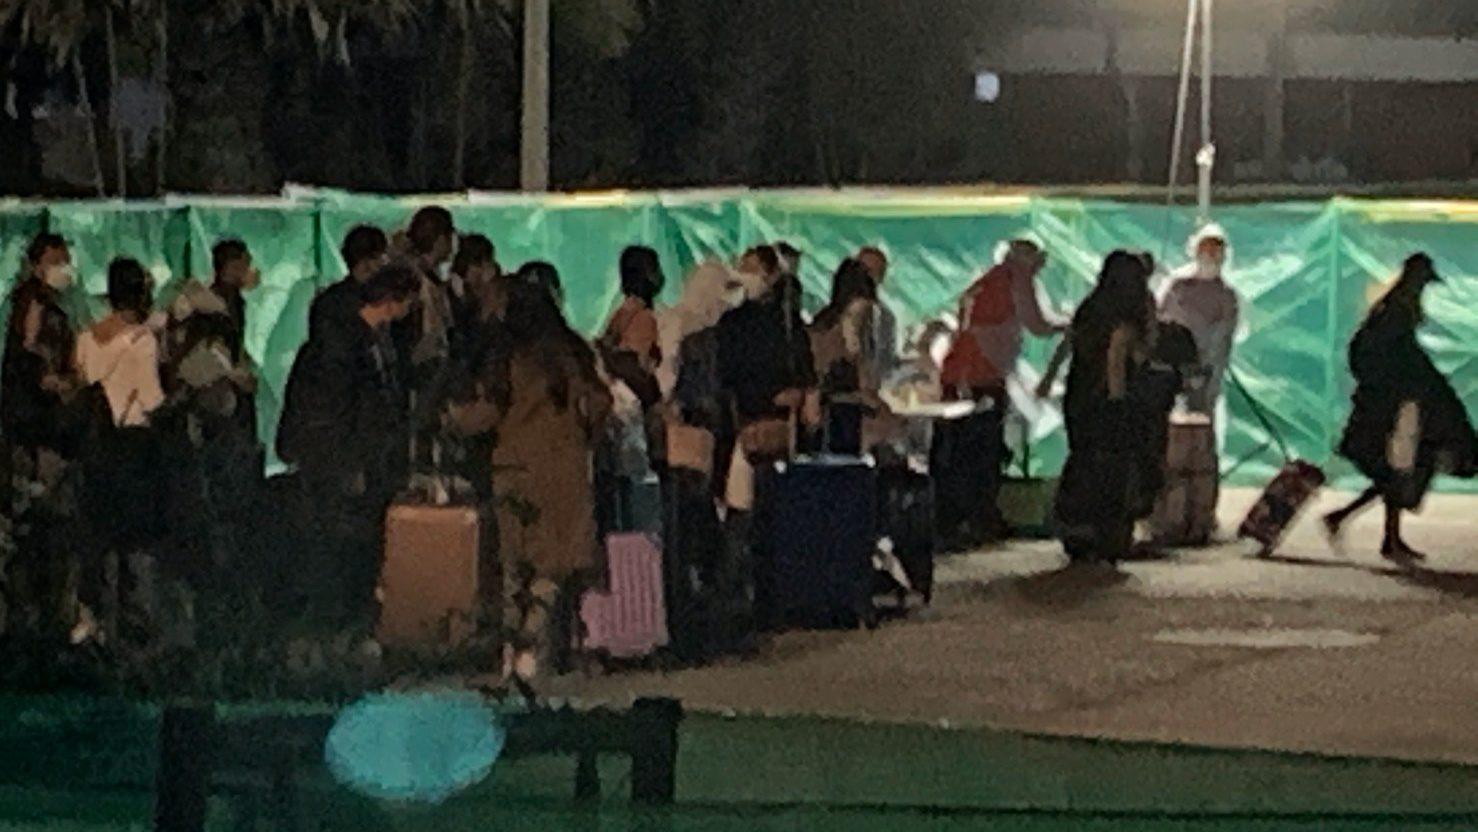 กองทัพเรือ เปิดอาคารรับรองสัตหีบ รับคนไทยกลับจากเกาหลีใต้ ชุดแรก 60 คน